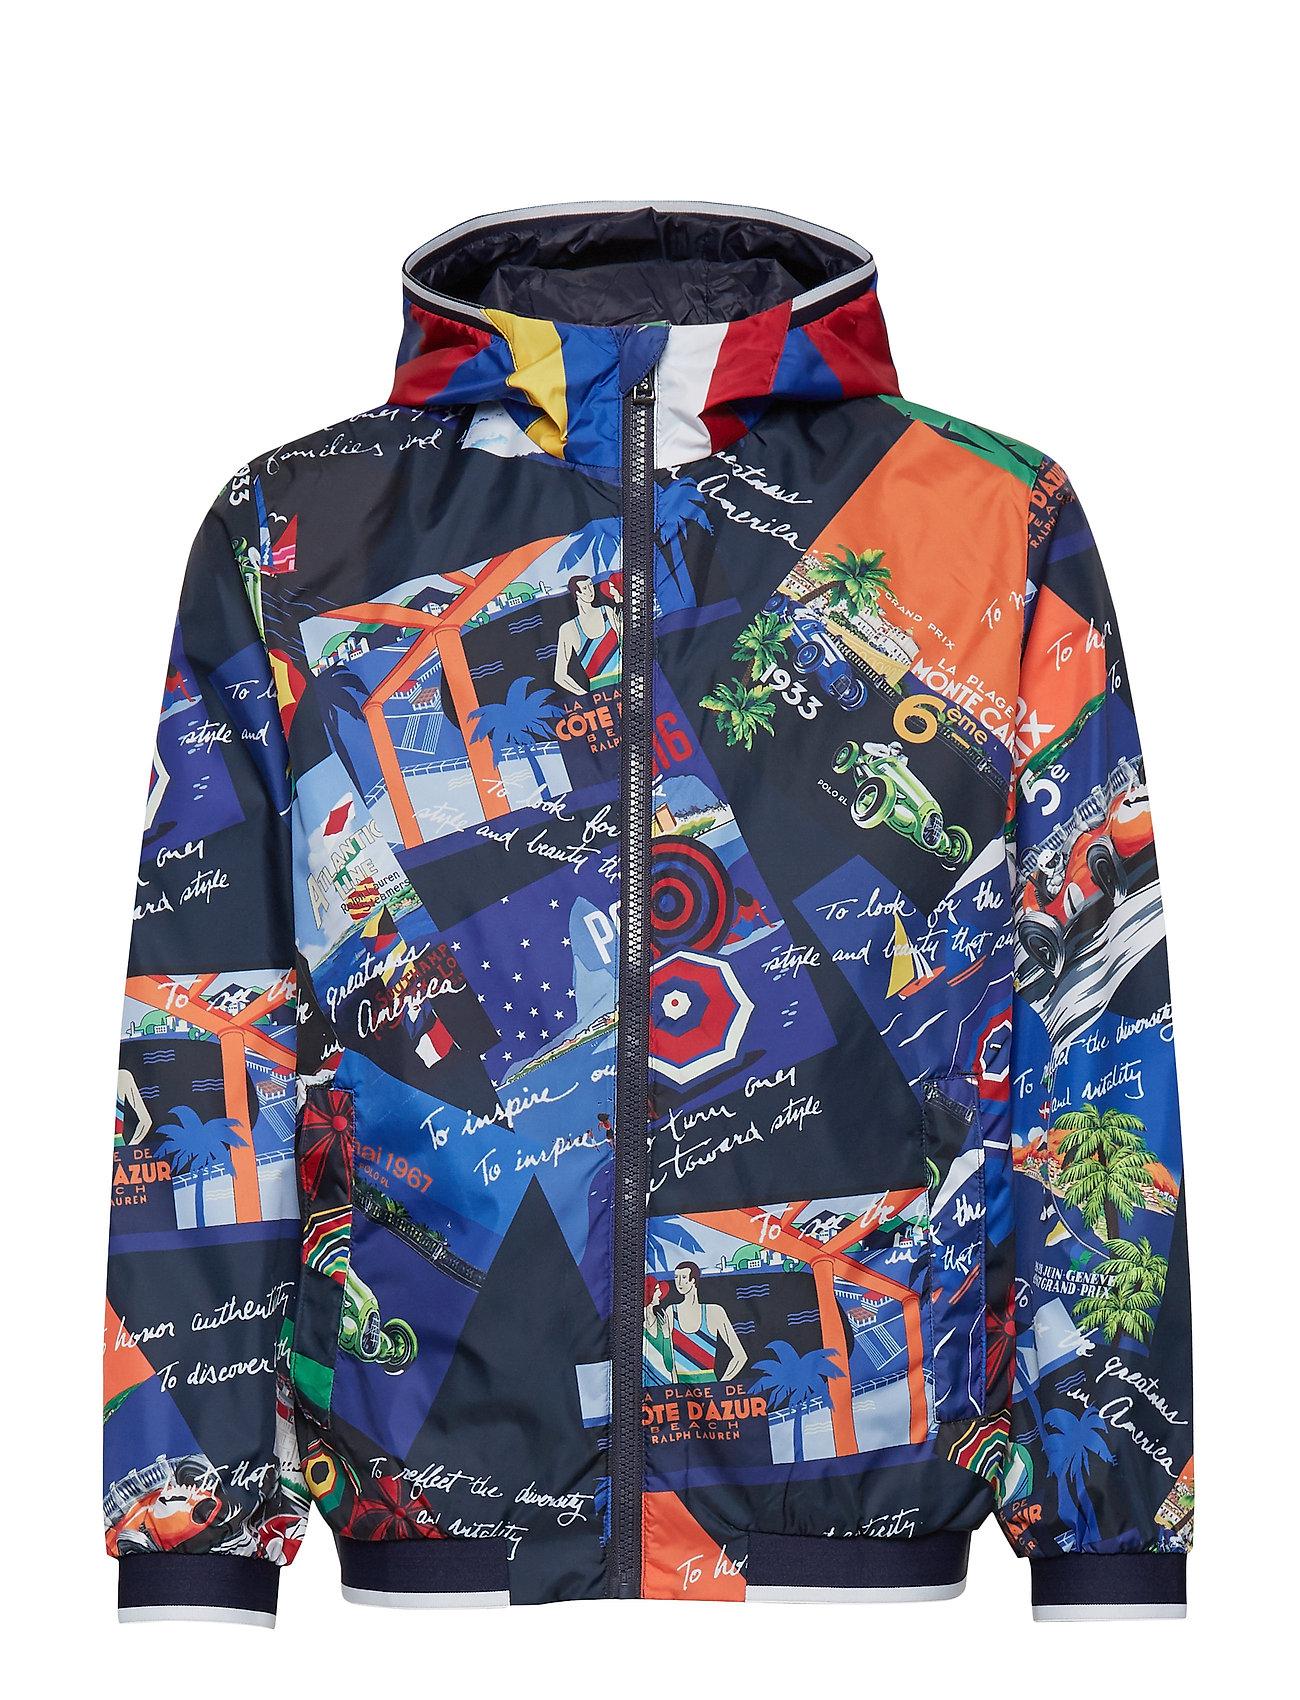 Ralph Lauren Kids Water-Repellent Jacket - POSTER DIARY